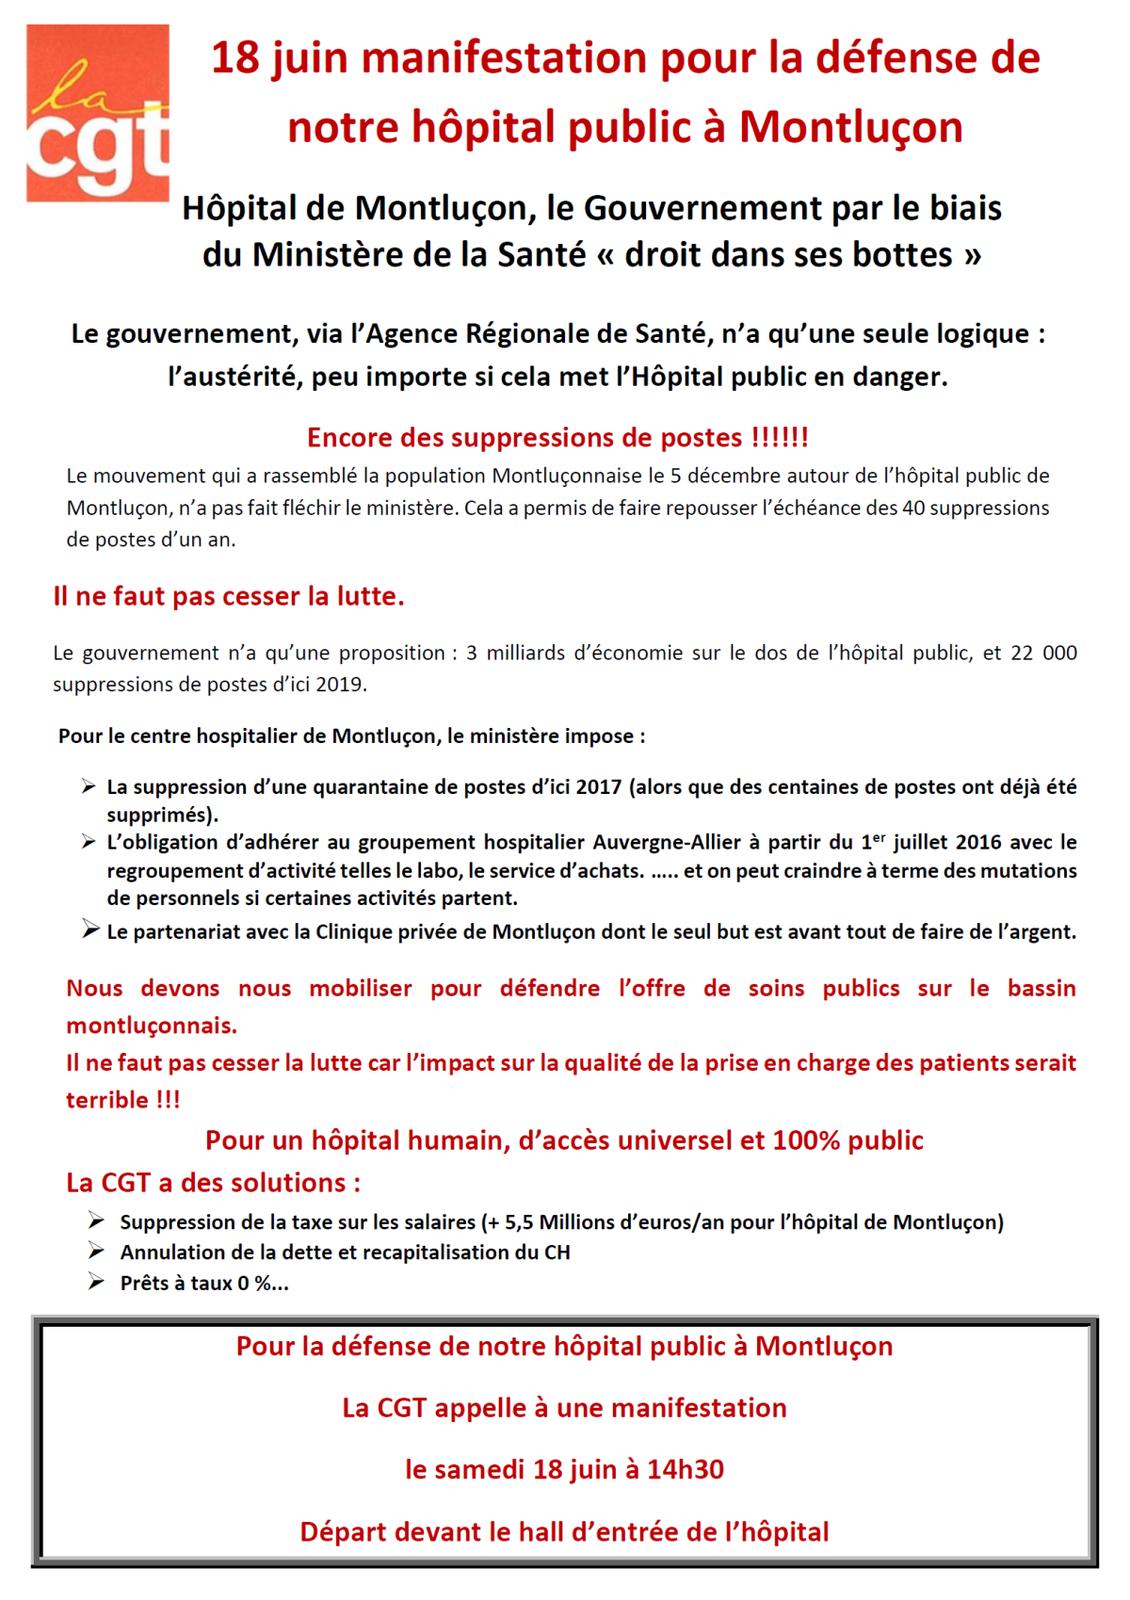 Manifestation en faveur de l'hôpital public le 18 juin à Montluçon